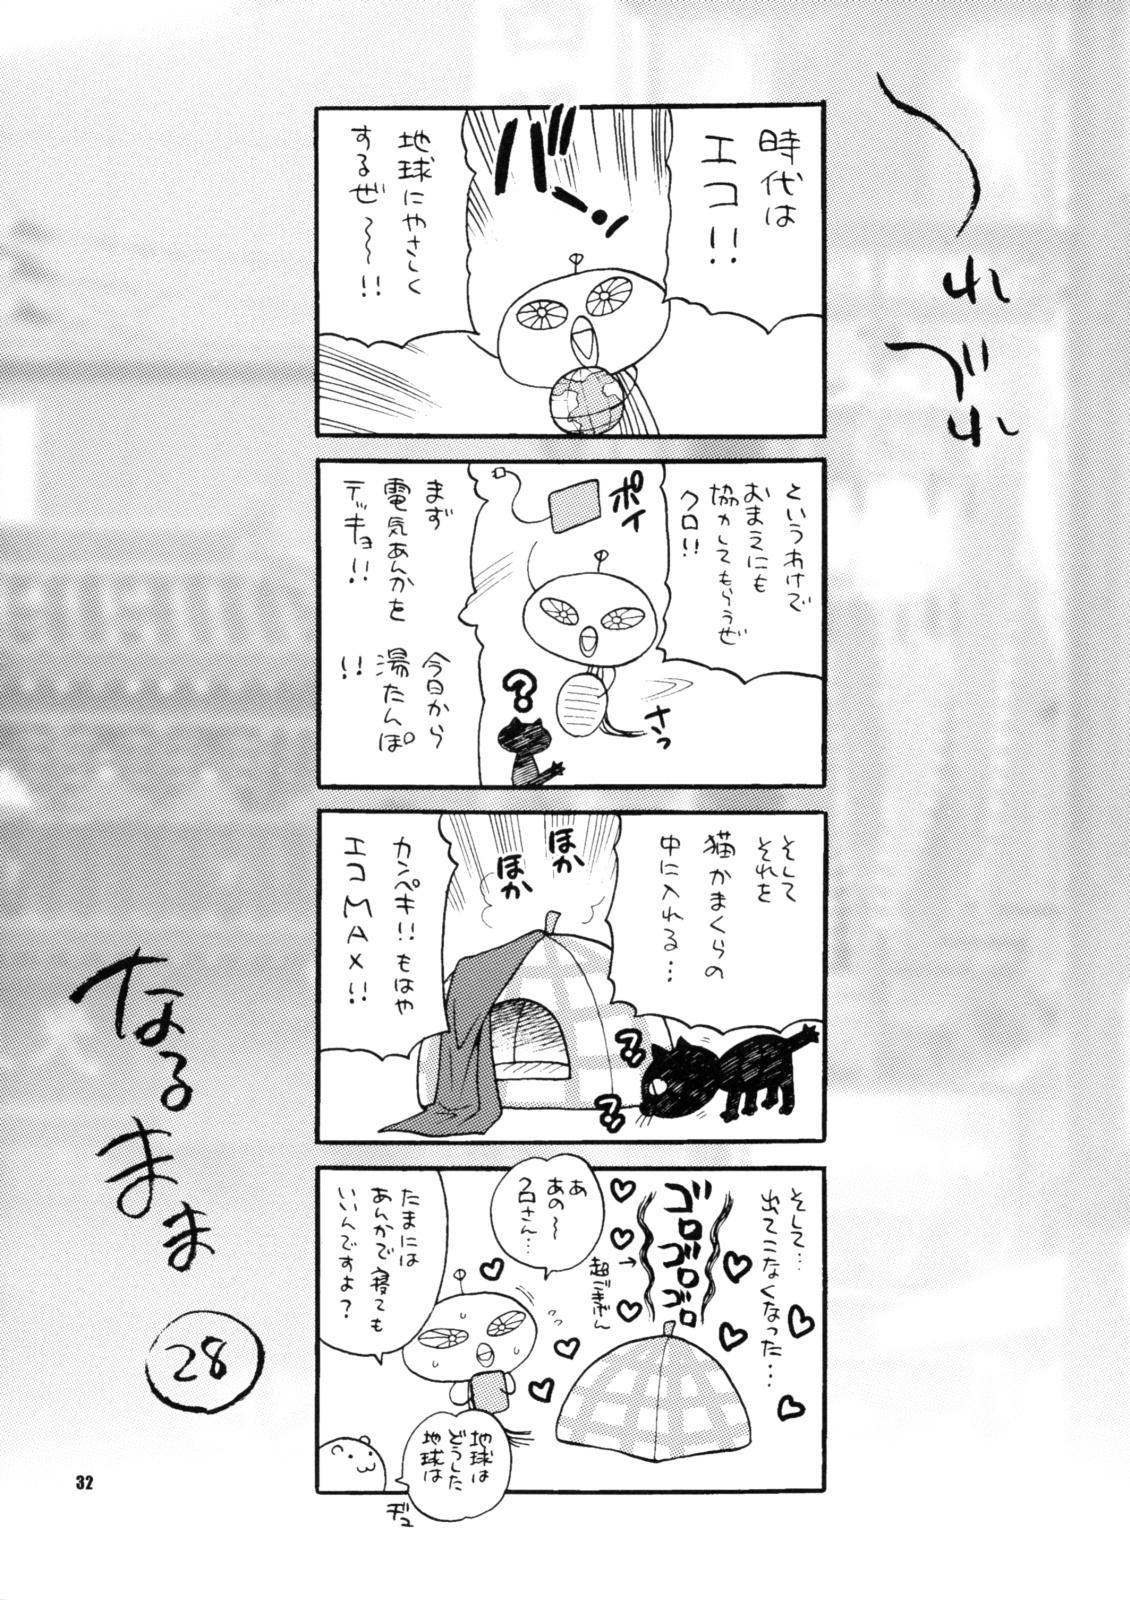 (C75) [Shallot Coco (Yukiyanagi)] Yukiyanagi no Hon 18 Chun-Li Keiji no Oppai Sousa | Detective Chun-Li's Boobie Investigation (Street Fighter) [English] [Hentai from Hell] 30